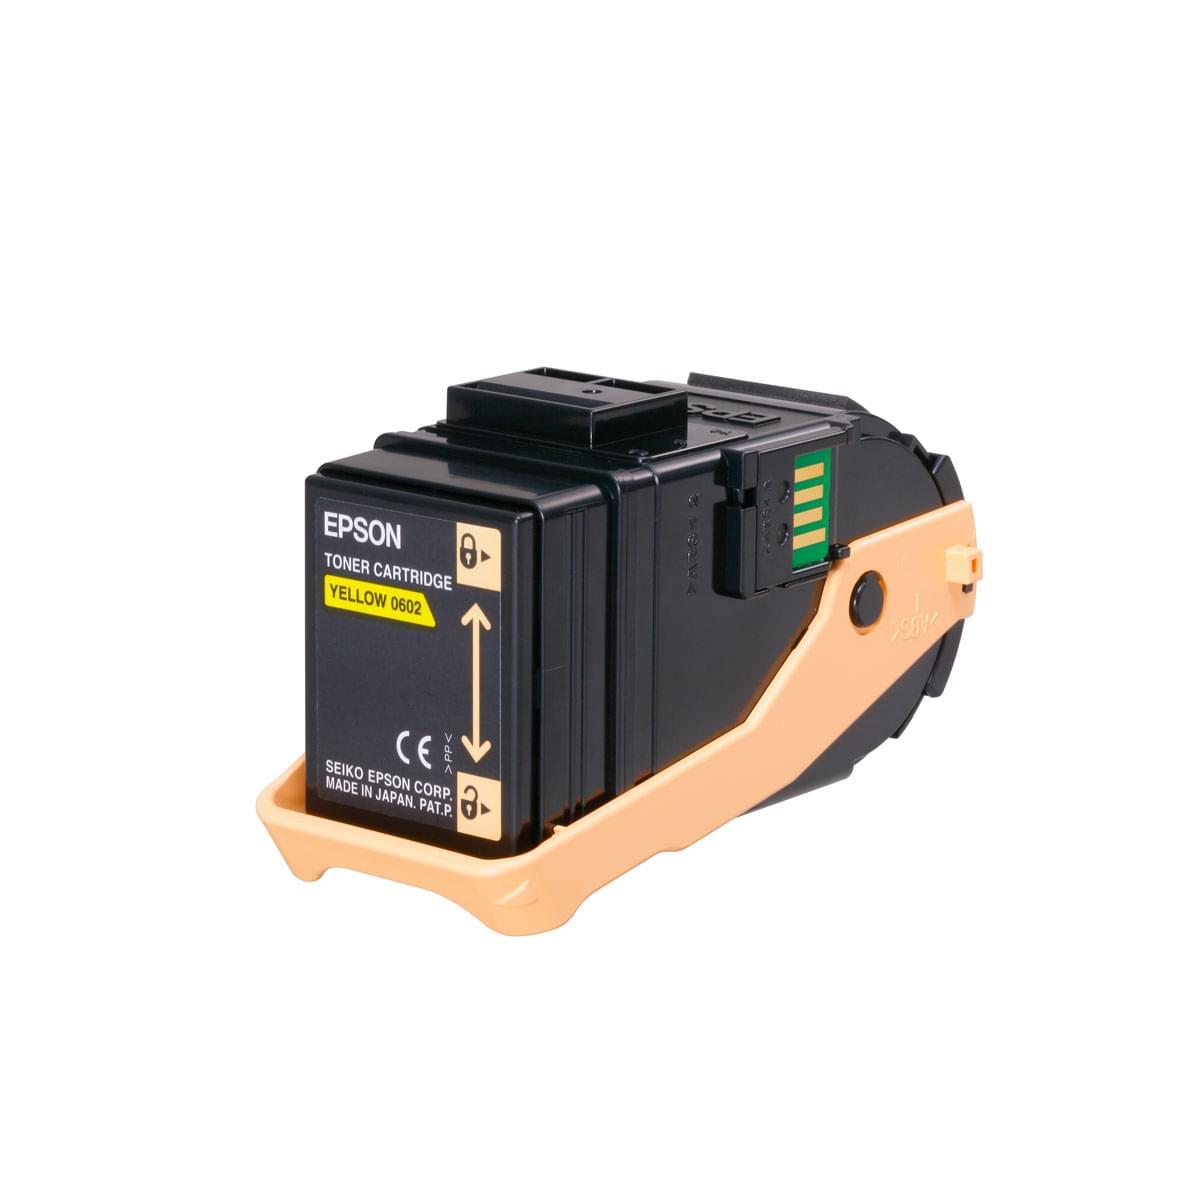 Toner Jaune 7500p - C13S050602 pour imprimante Laser Epson - 0